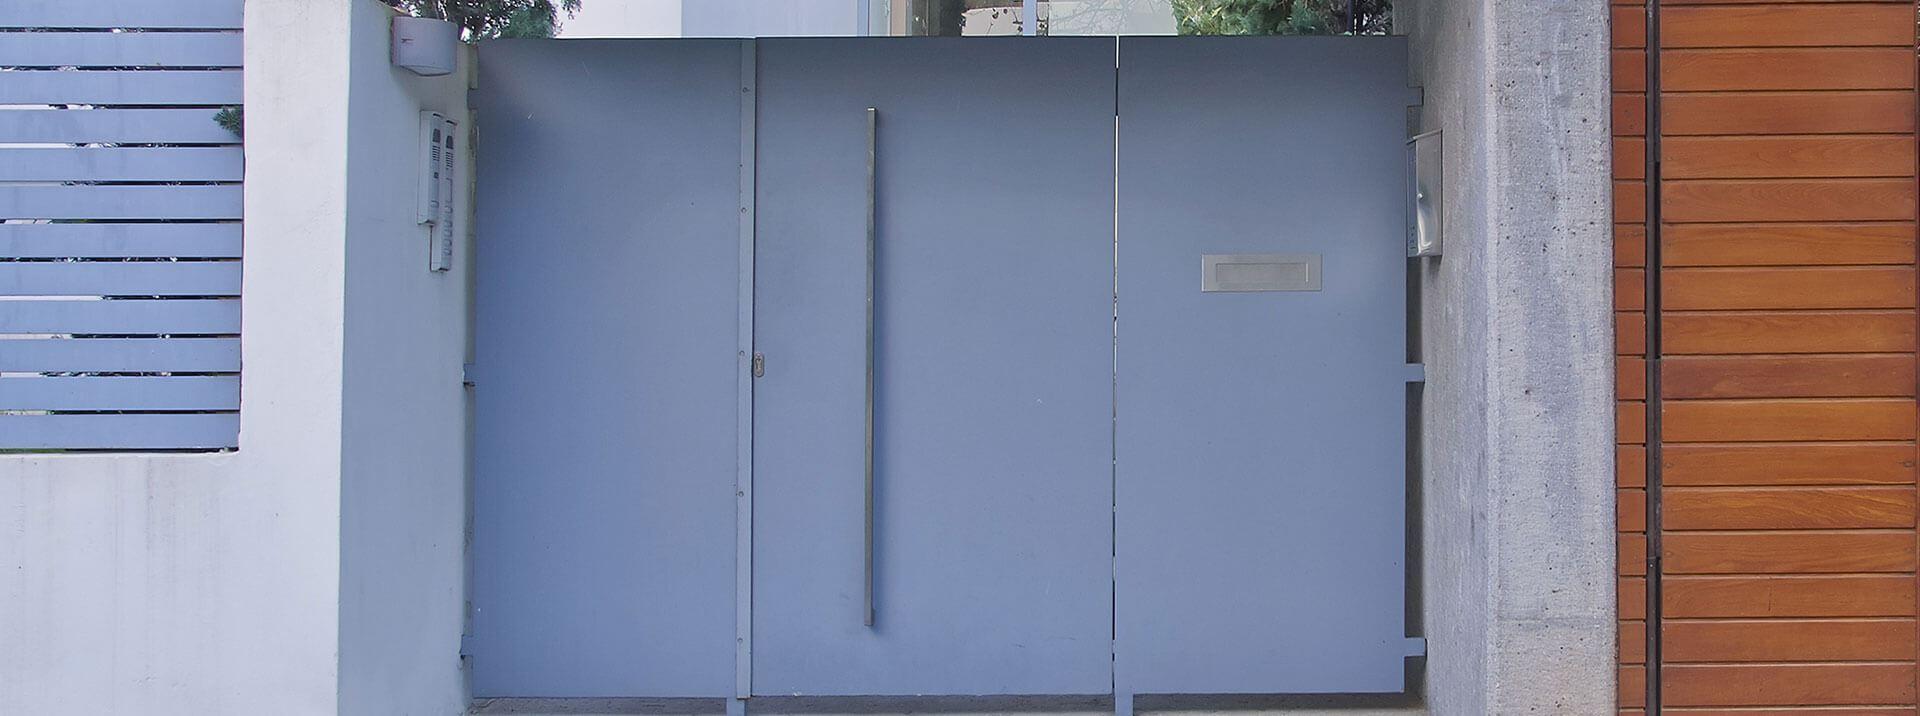 שער כניסה לבית - אנ.אס עבודות אלומיניום